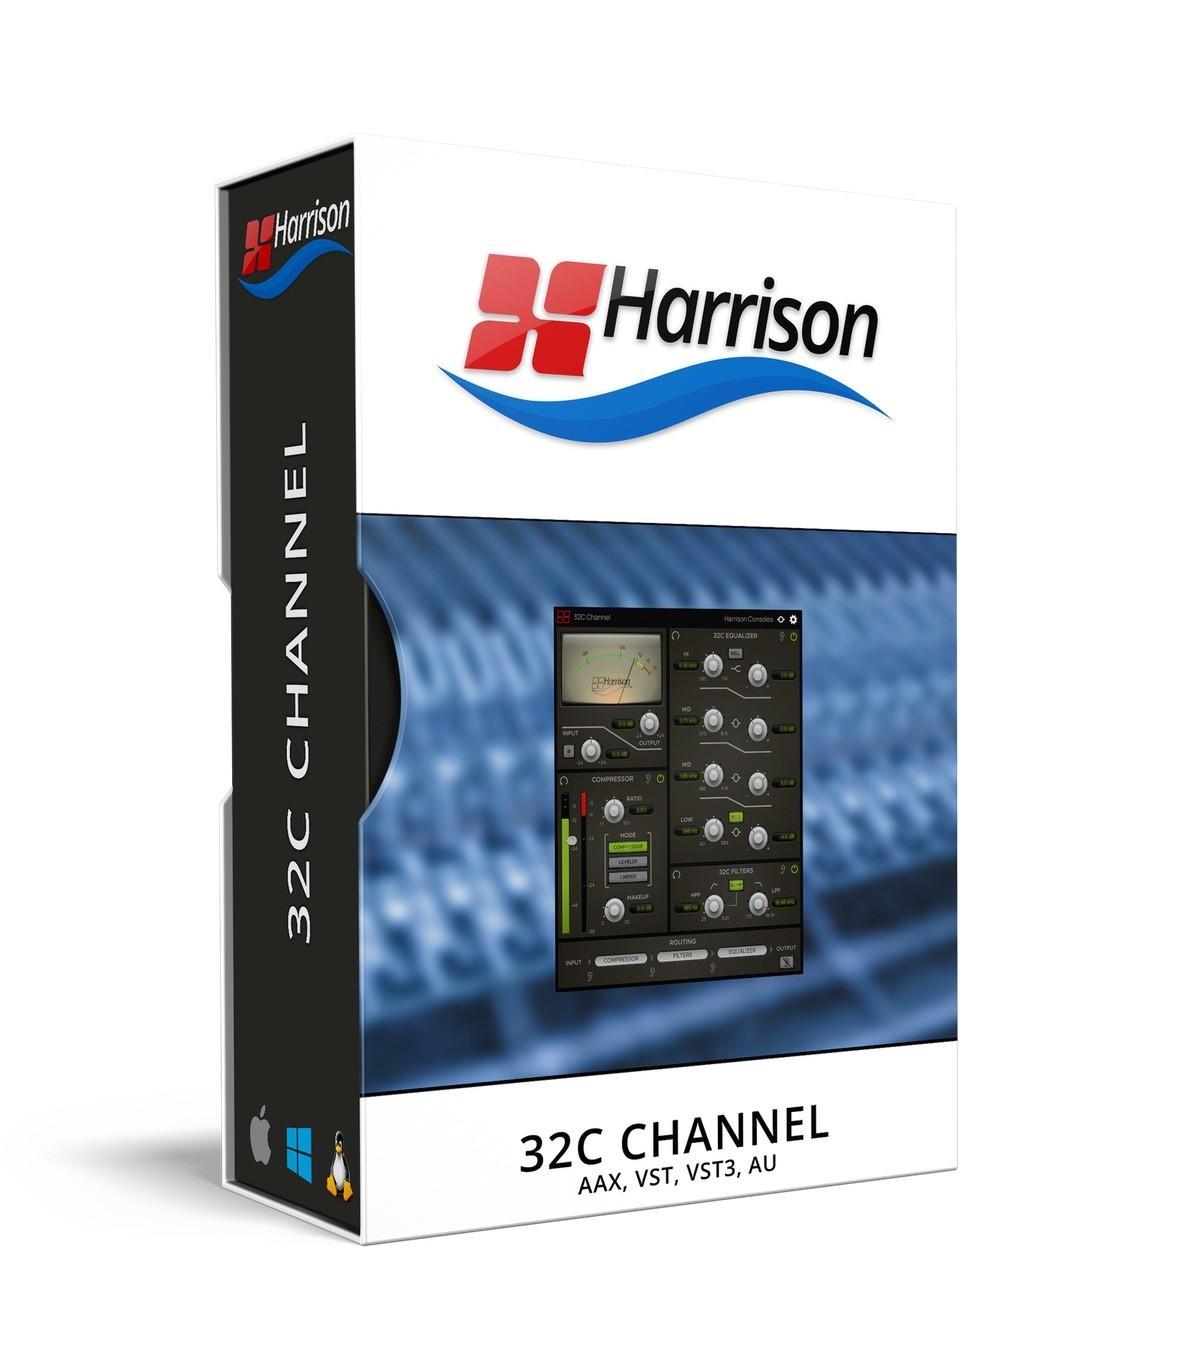 Harrison Consoles发布32C Channel通道条插件